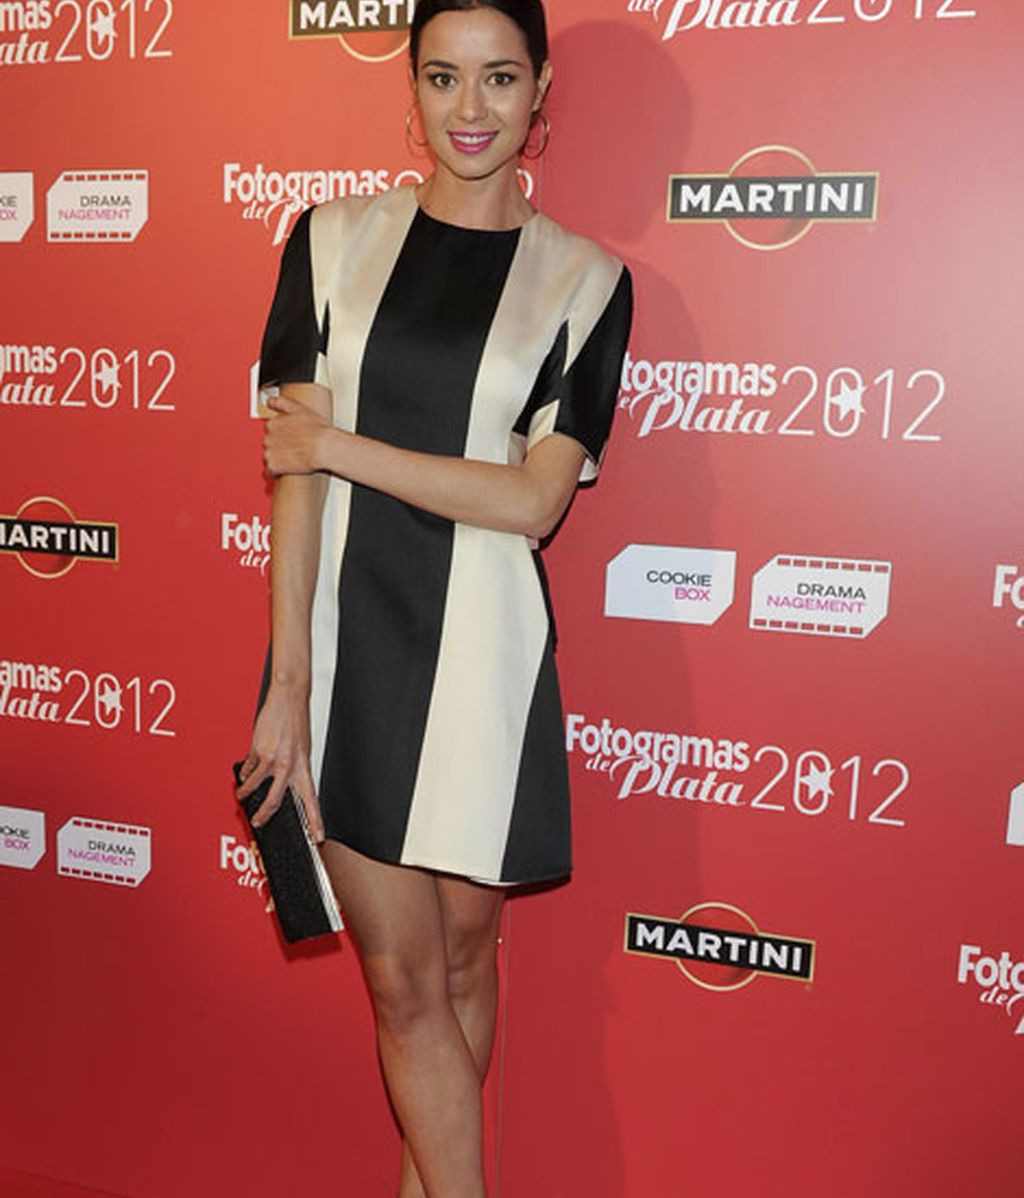 Dafne Fernández se unió a la moda de las rayas blancas y negras